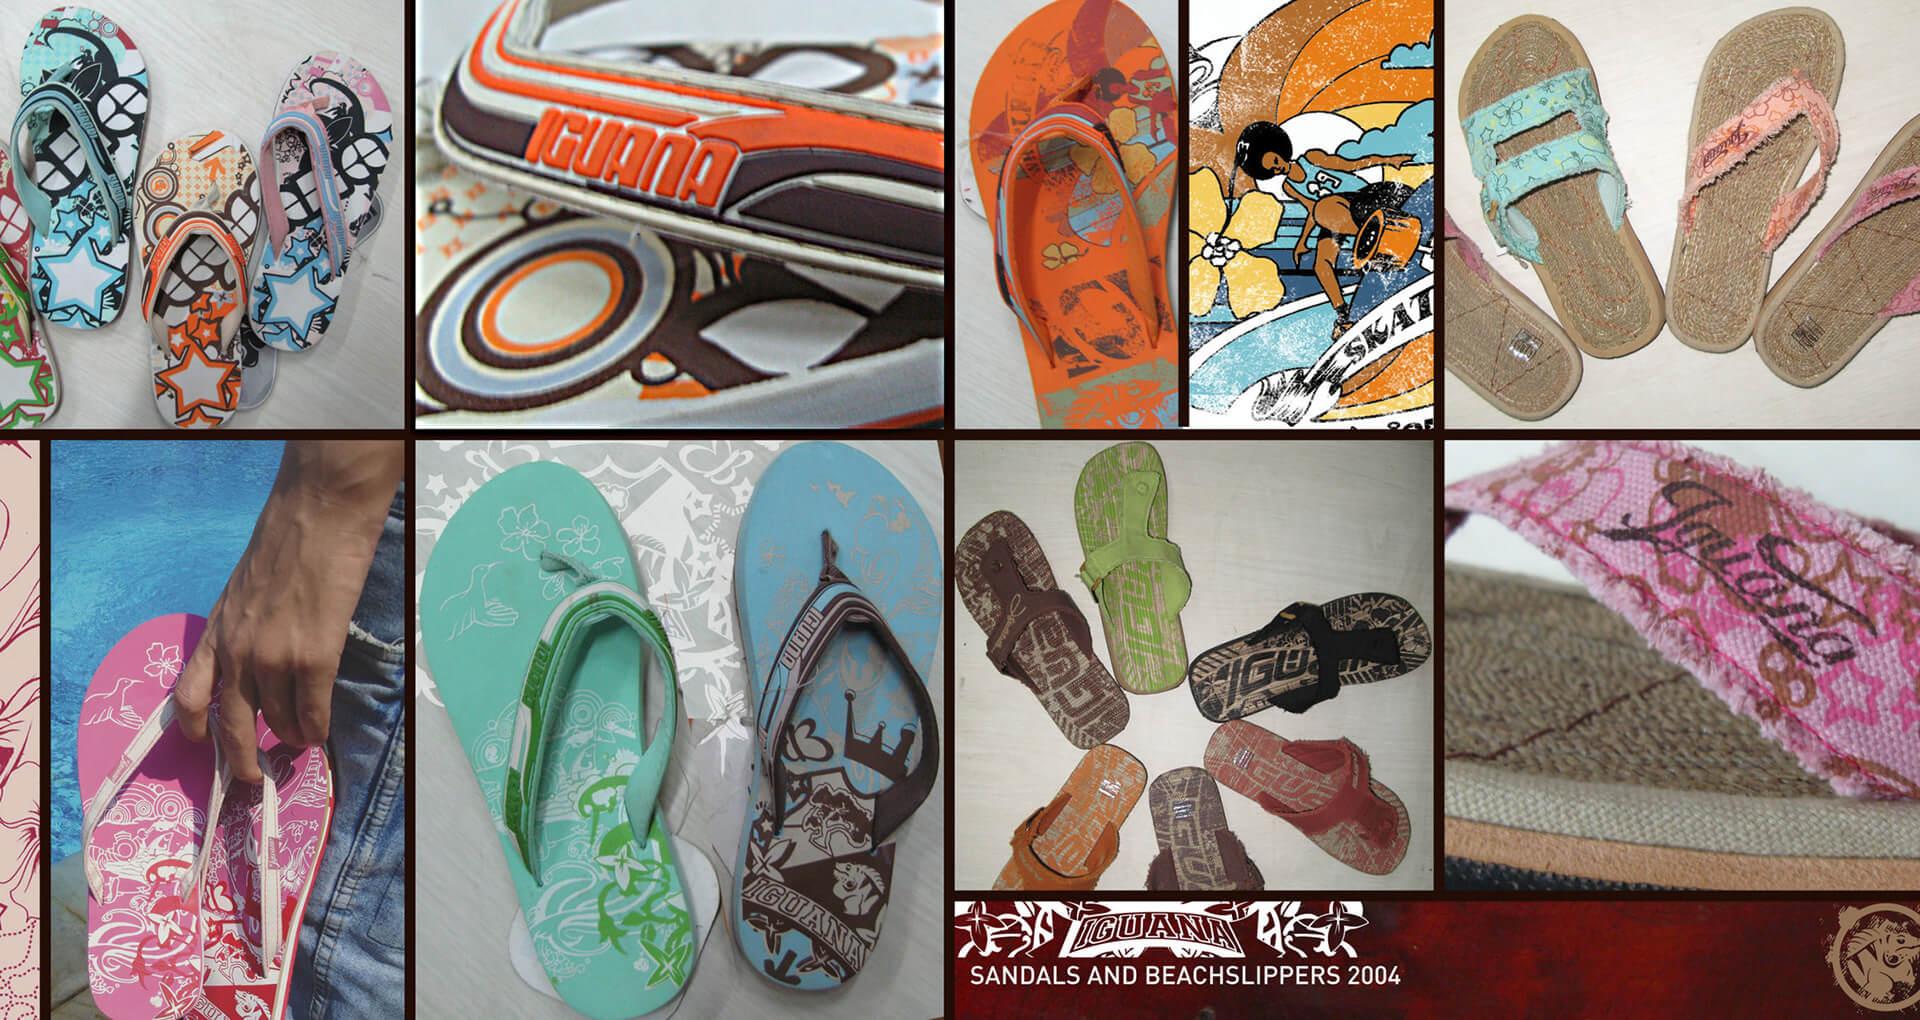 produkt design münchen bali taschen accessories snowboards surfbaords hats gloves bags shoes sandals 4